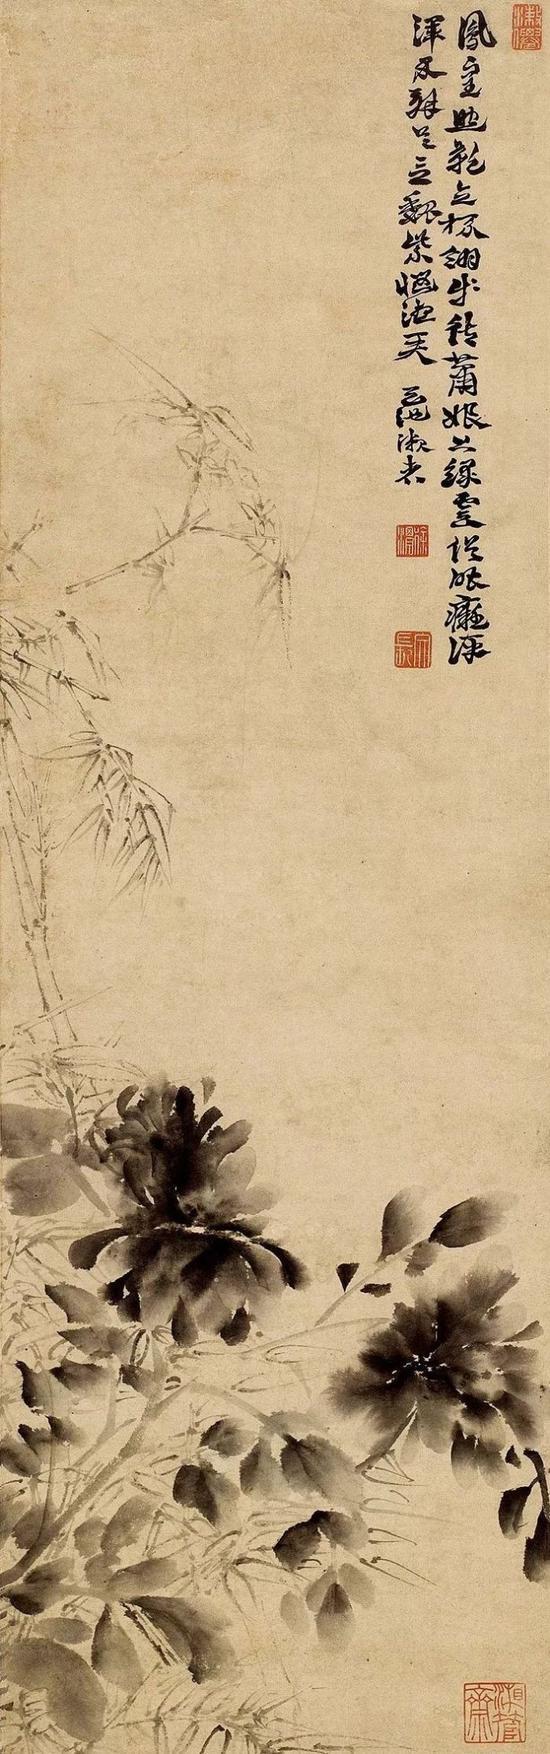 徐渭,《墨竹牡丹图》轴,纸本水墨,立轴,纵106厘米,横32.5厘米